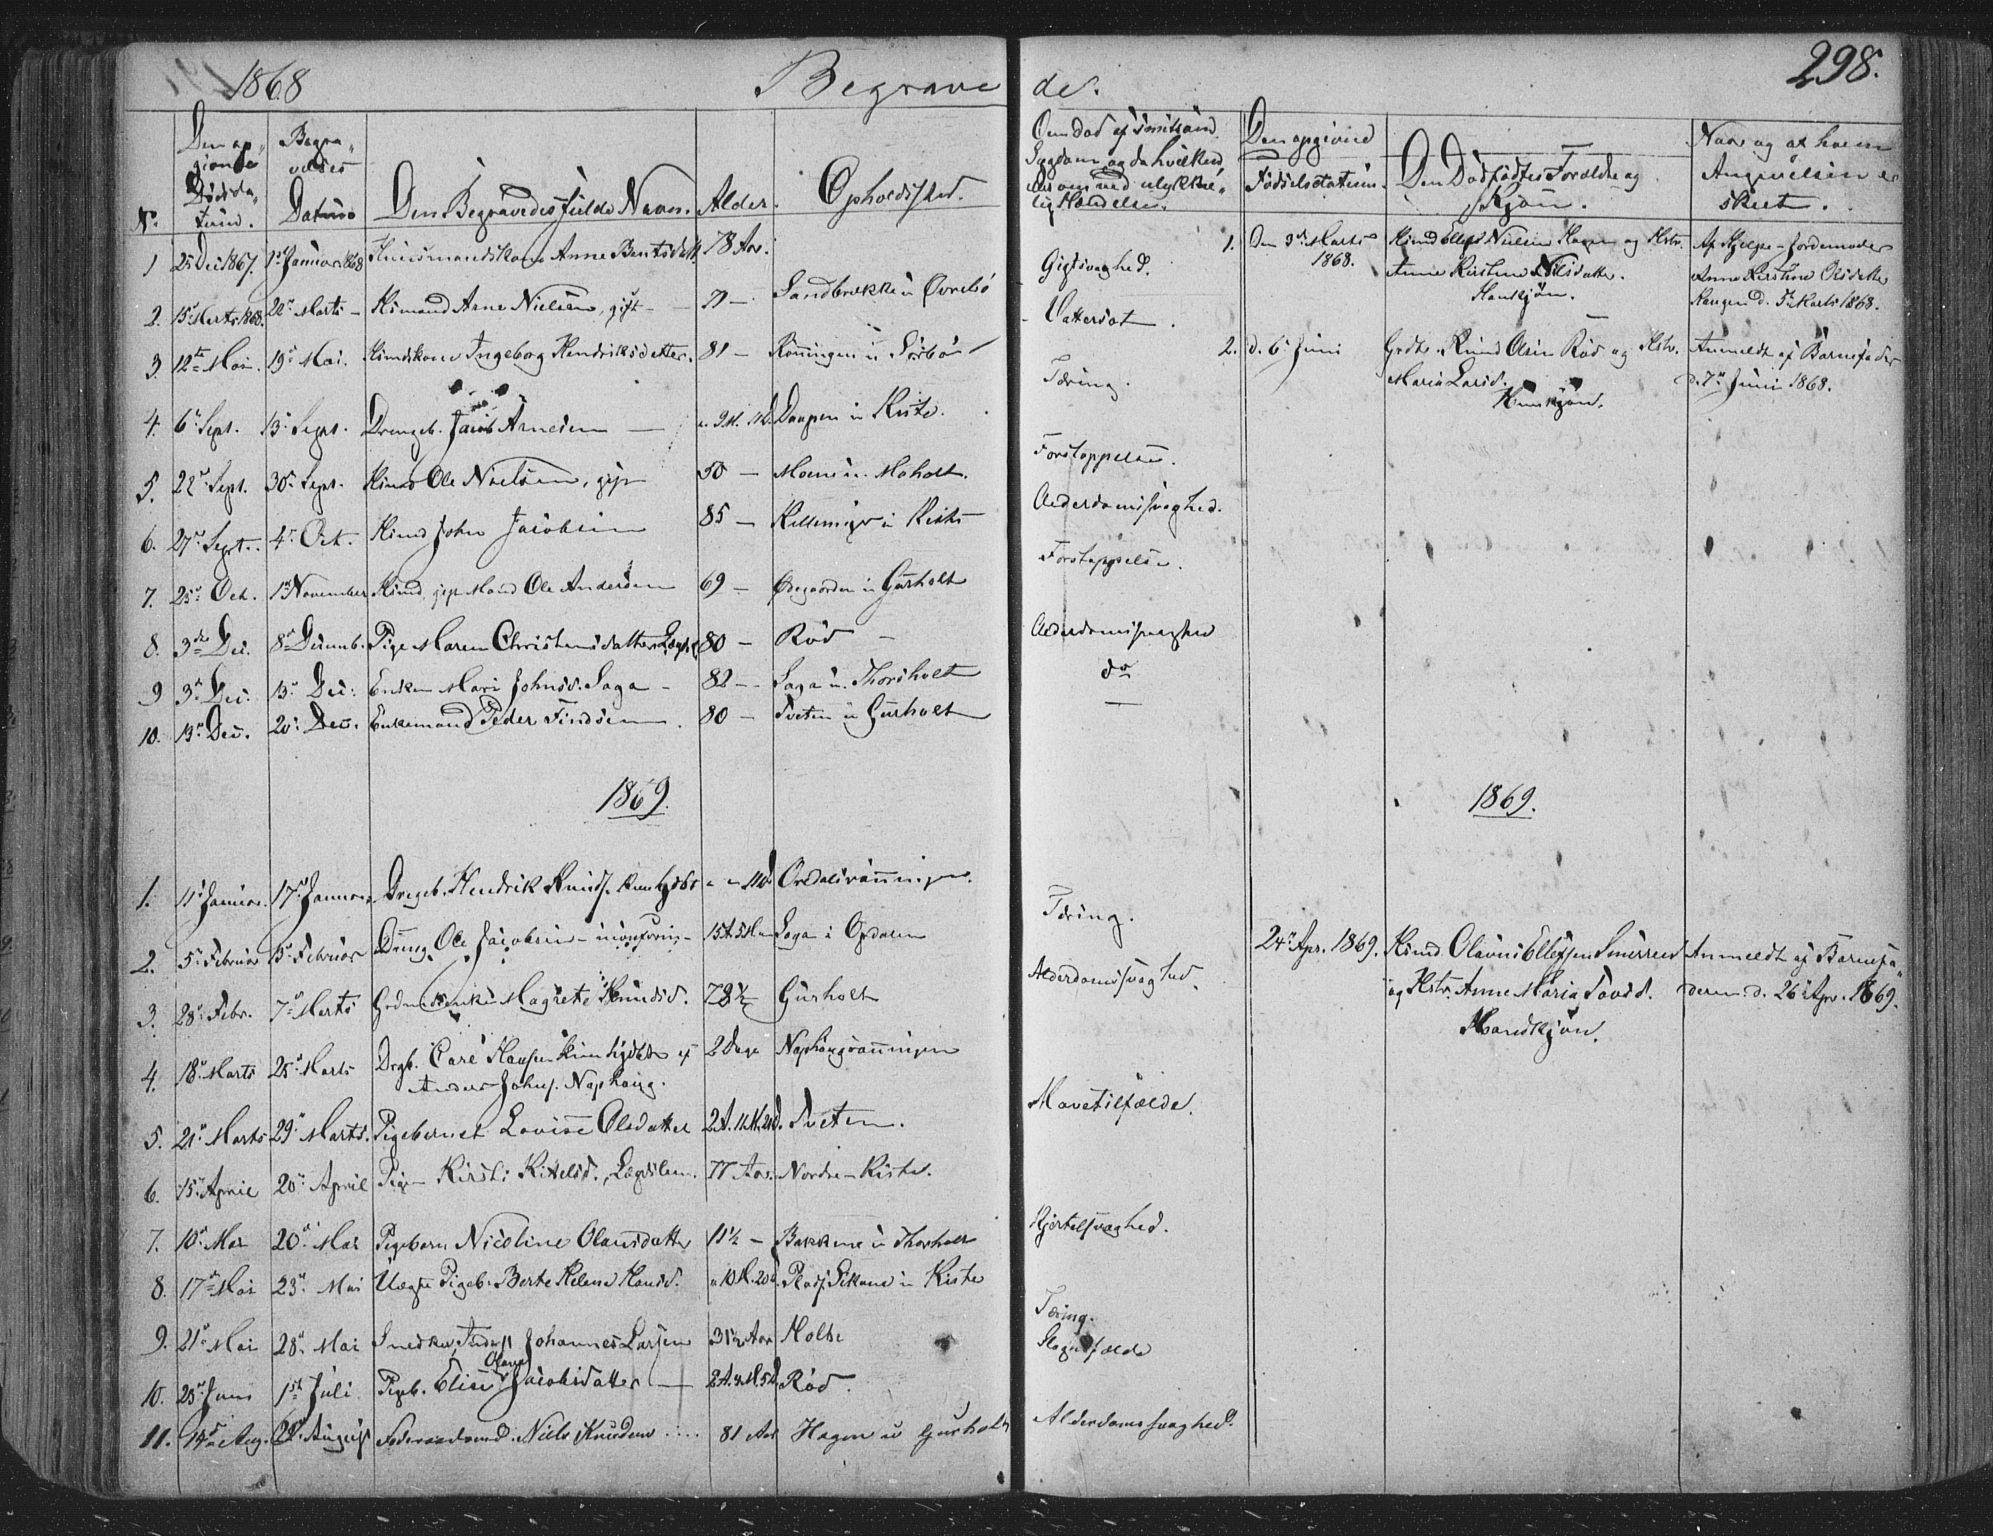 SAKO, Siljan kirkebøker, F/Fa/L0001: Ministerialbok nr. 1, 1831-1870, s. 298